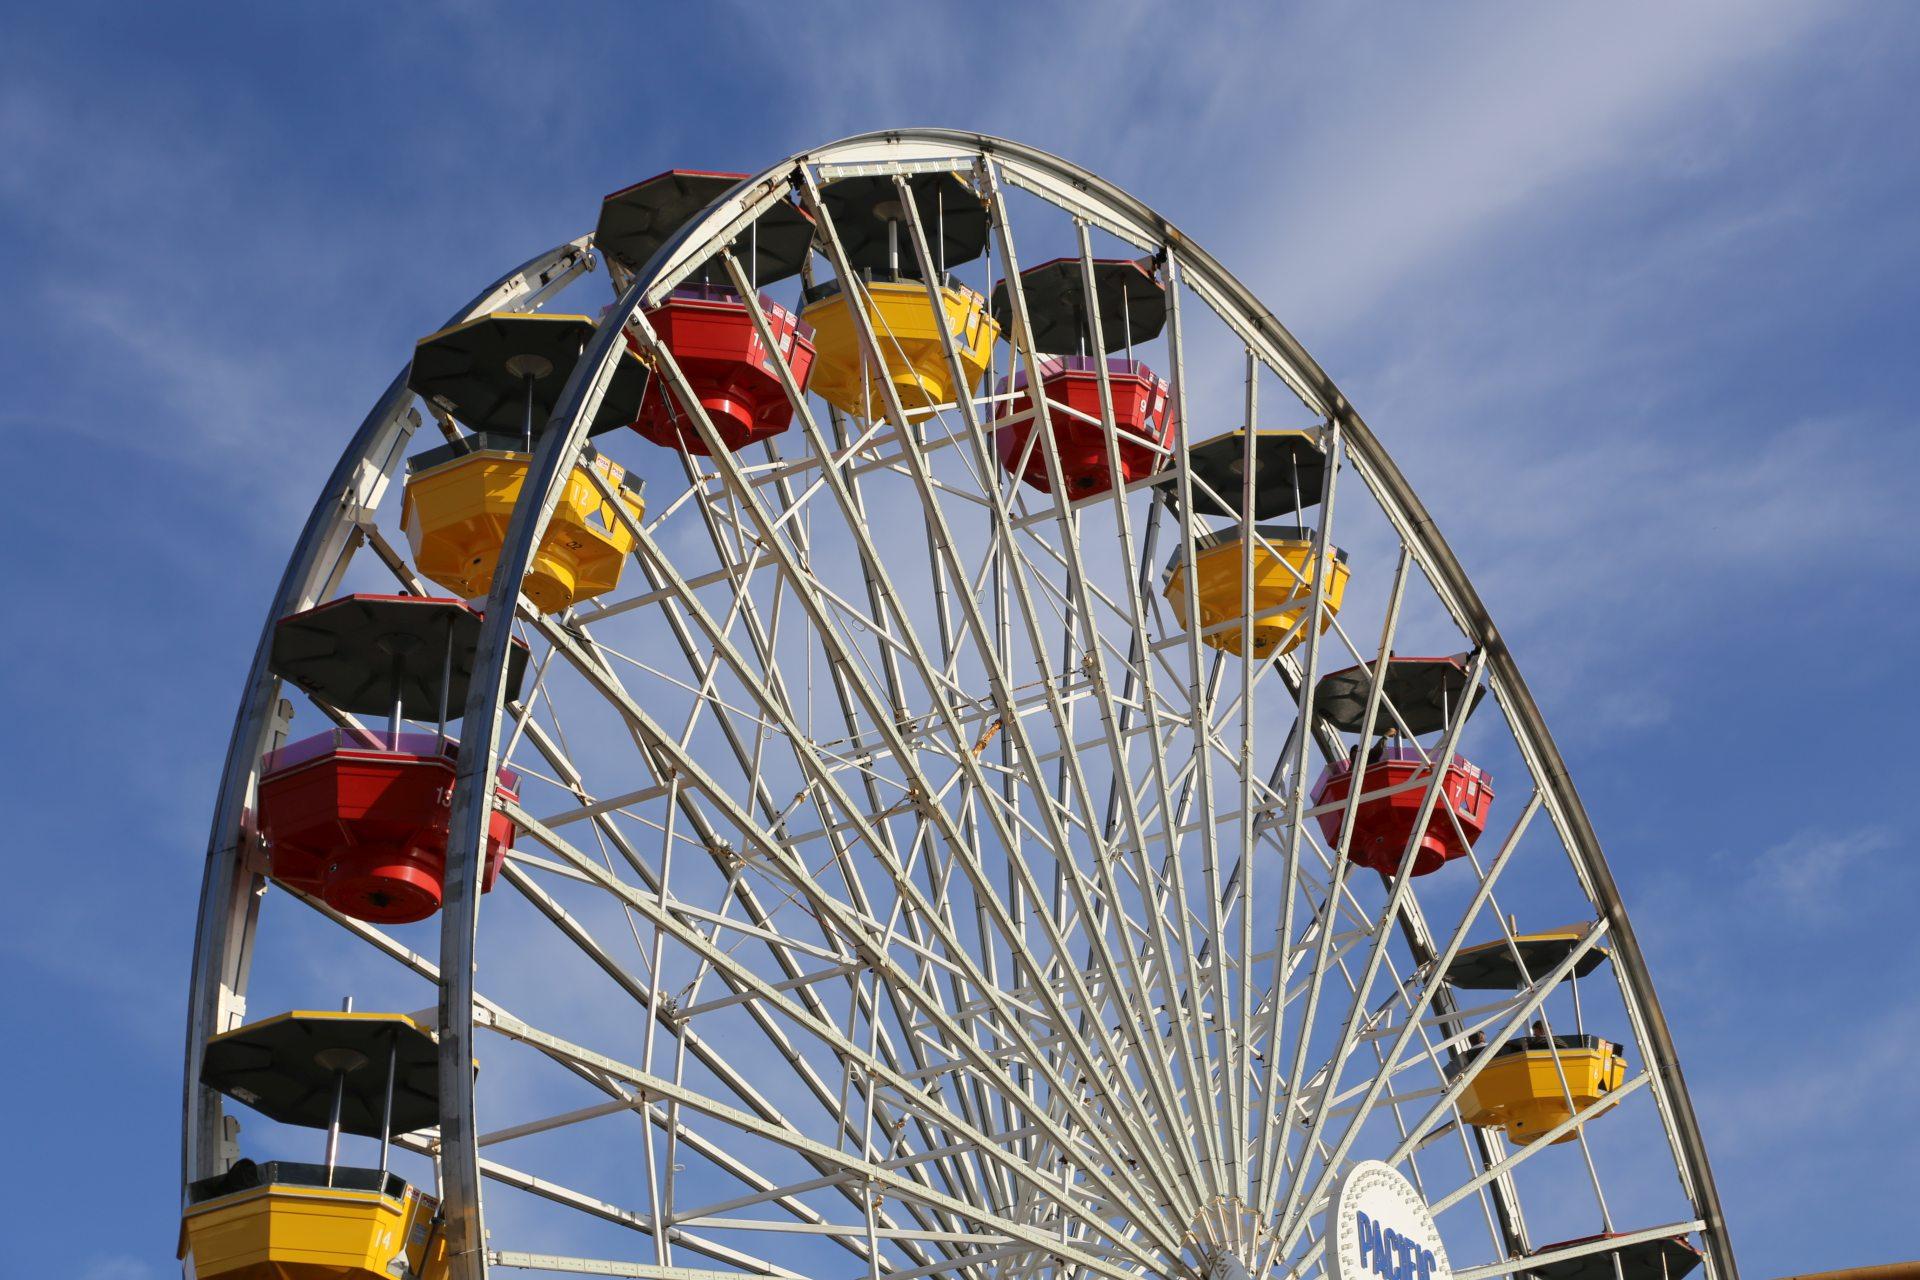 Dieses Karussell dreht sich ganz schön arg schnell! - Fahrgeschäft, Gondeln, Himmel, Kalifornien, Pacific Park, Riesenrad, Santa Monica, Santa Monica Pier, Wolken - (Santa Monica, California, Vereinigte Staaten)